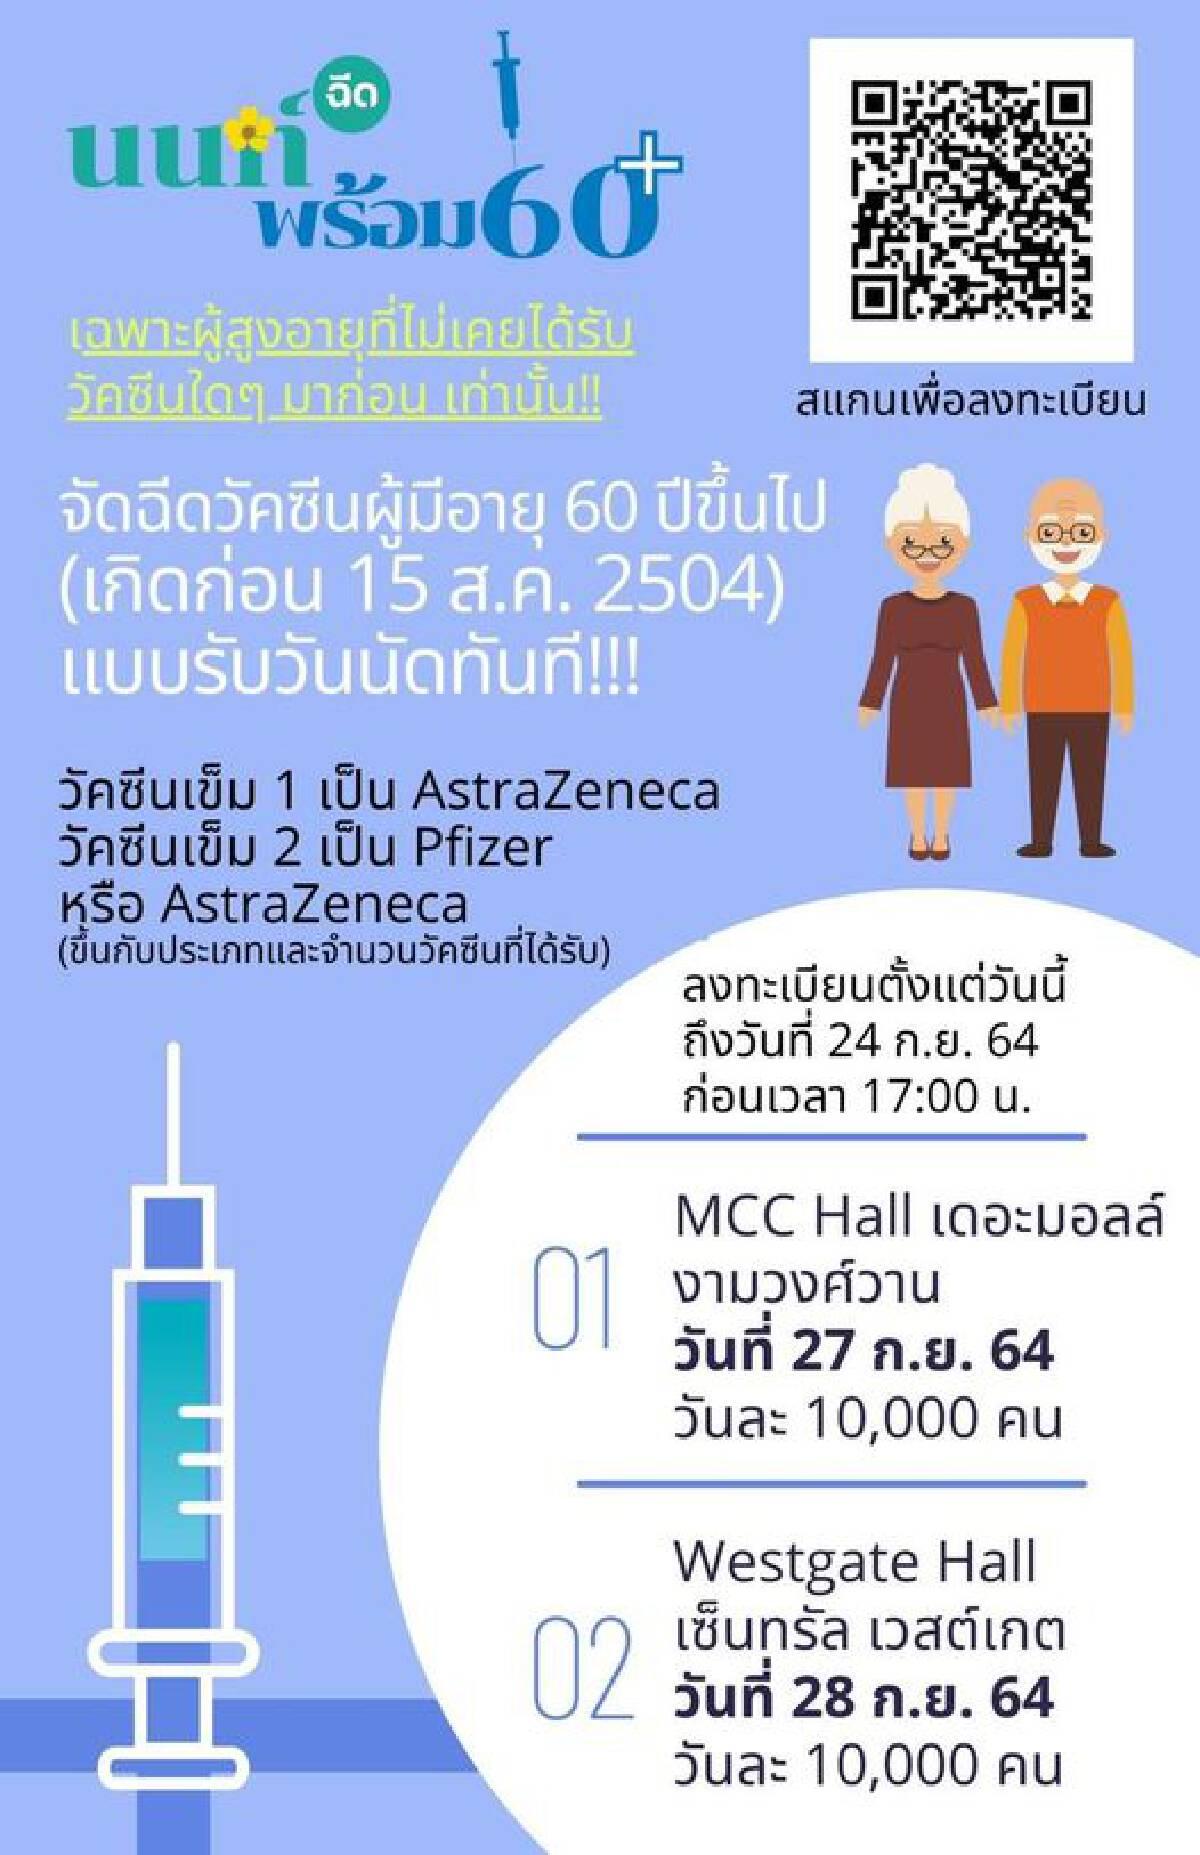 เริ่มเเล้ว นนท์พร้อม เปิดลงทะเบียนฉีดวัคซีนโควิดให้อายุ 60 ปีขึ้นไป